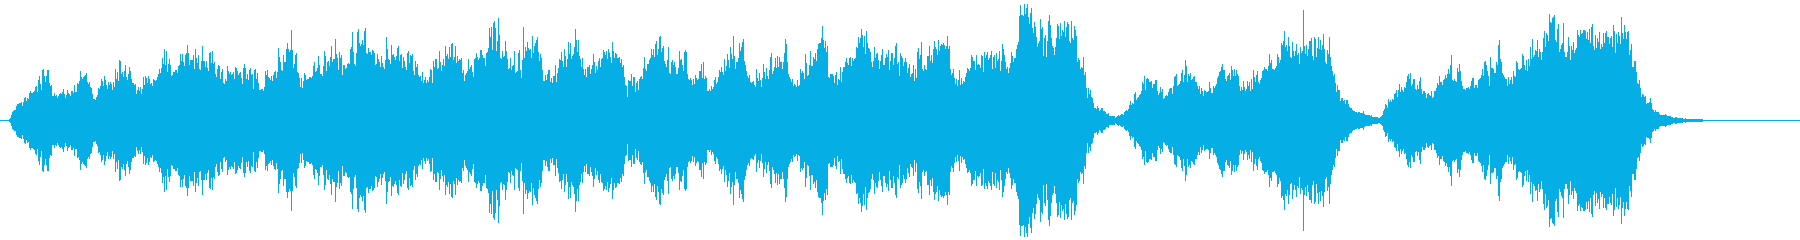 心が清められるような弦楽四部とハープの再生済みの波形